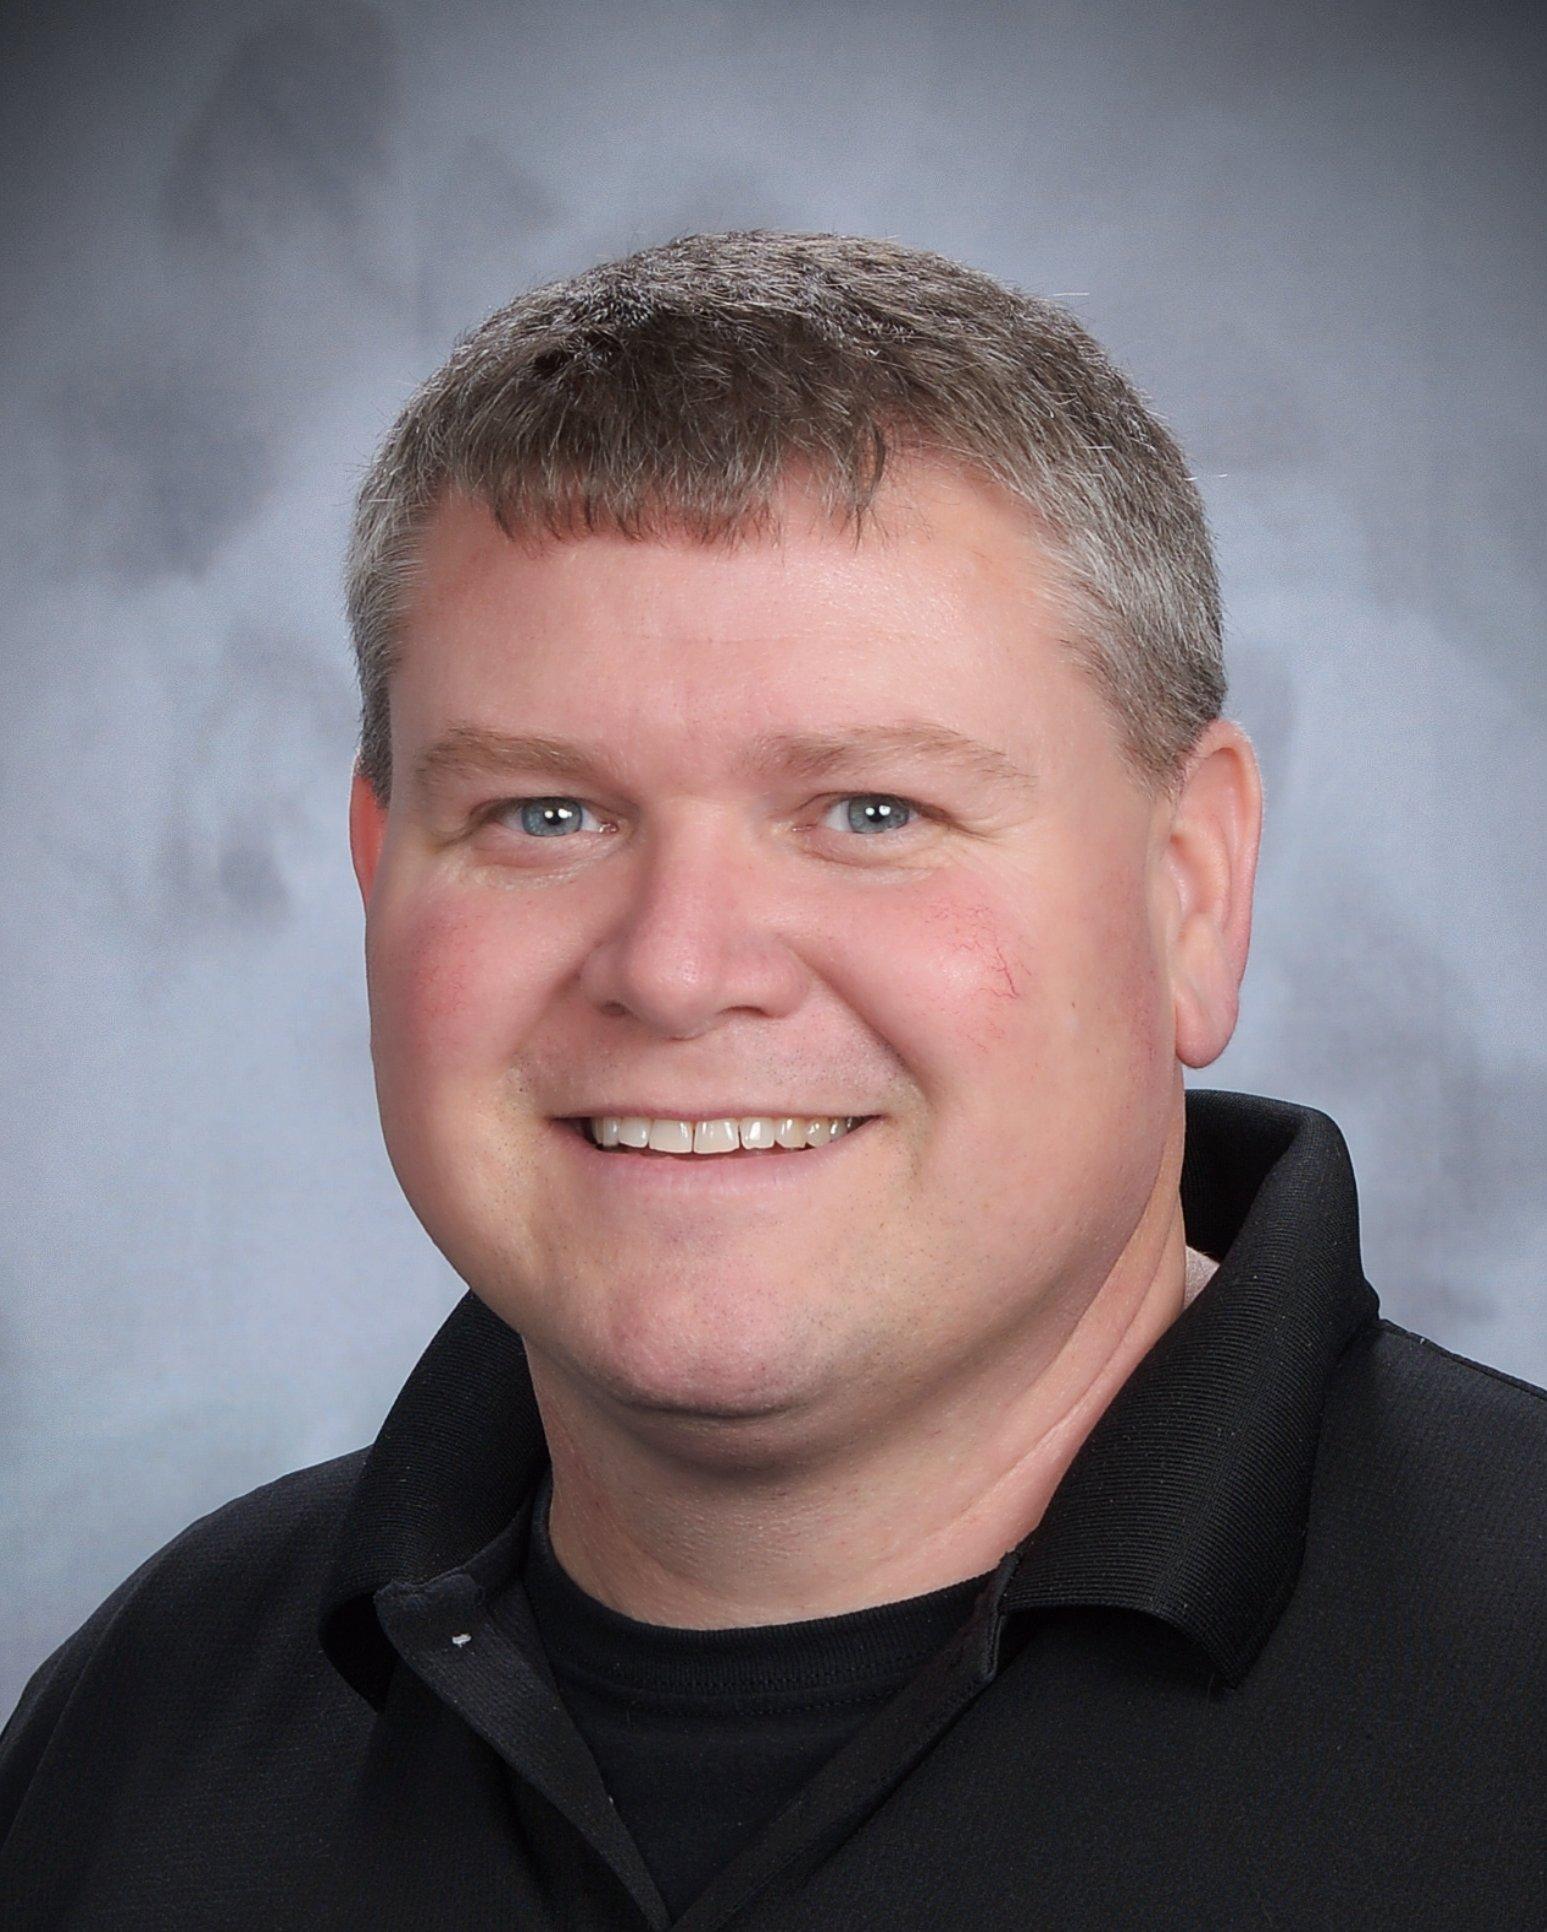 Darren Berschauer - Service Advisor